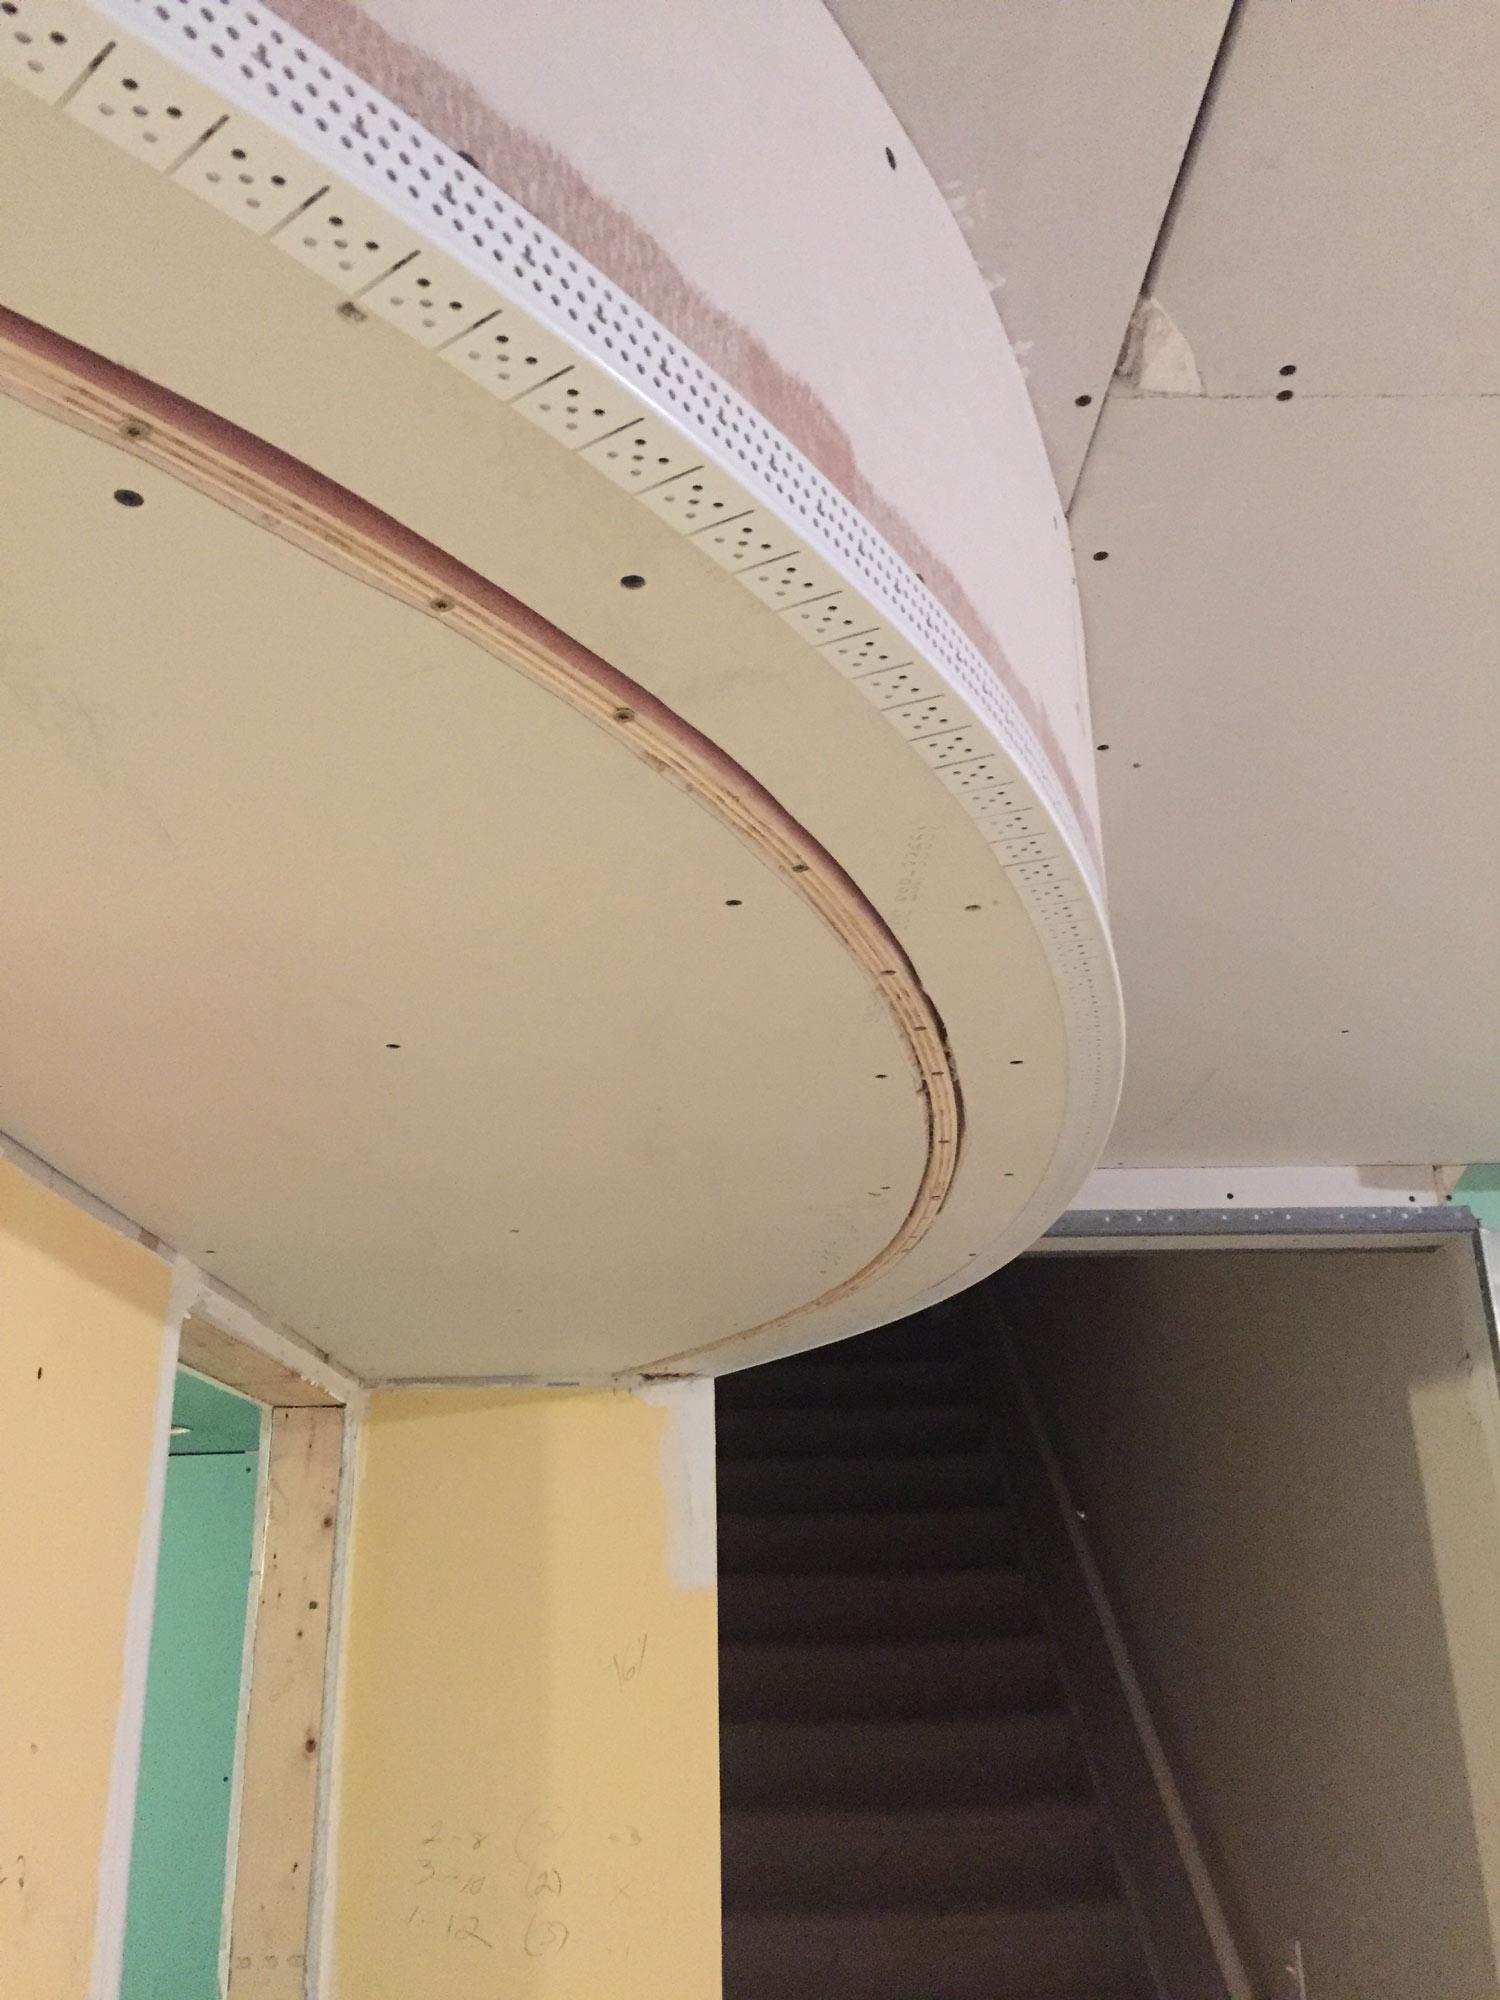 ann-arbor-basement-remodel-light-detail7.jpg